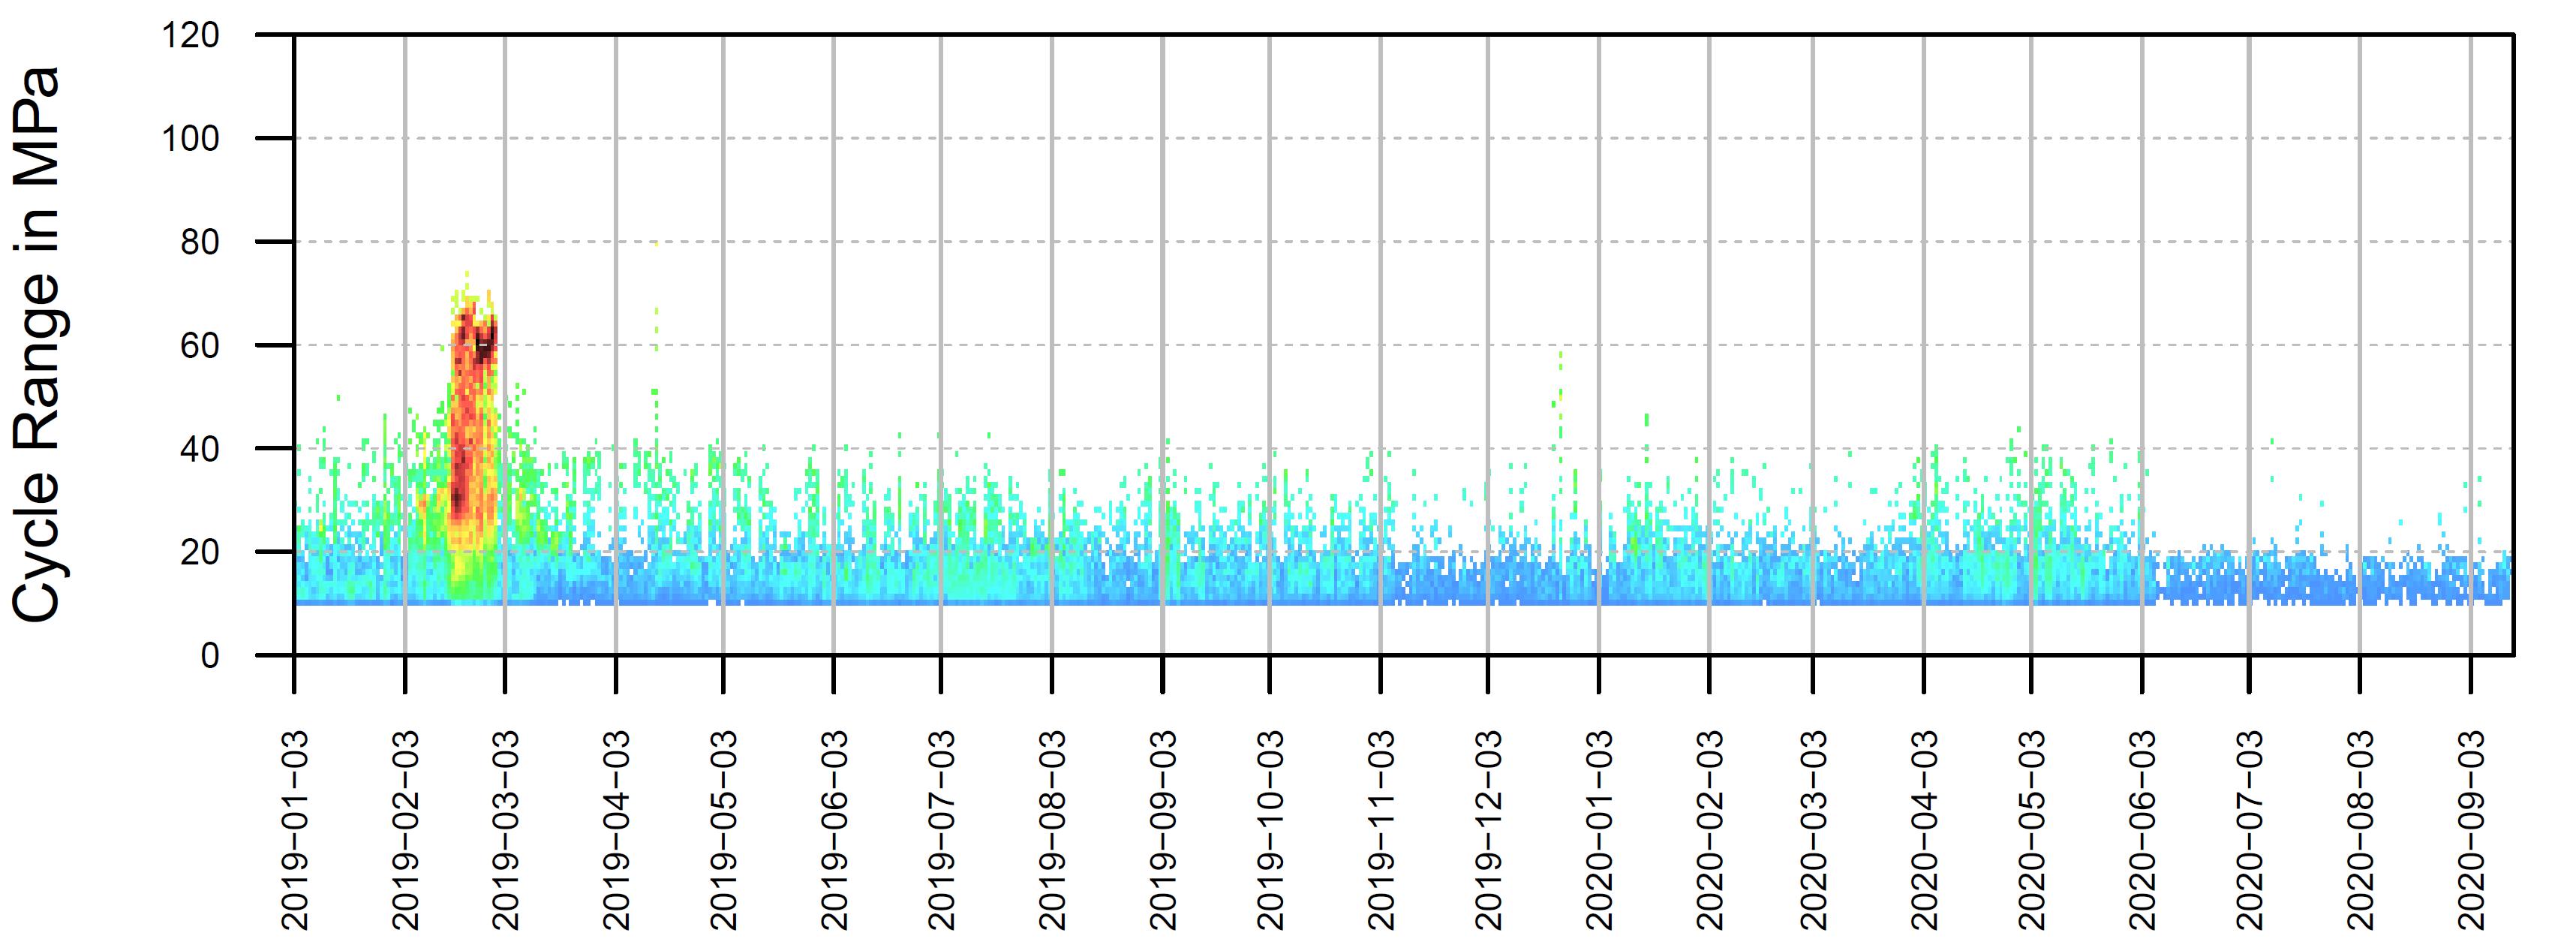 Étude et comptage des cycles de déformations à partir des données dynamiques